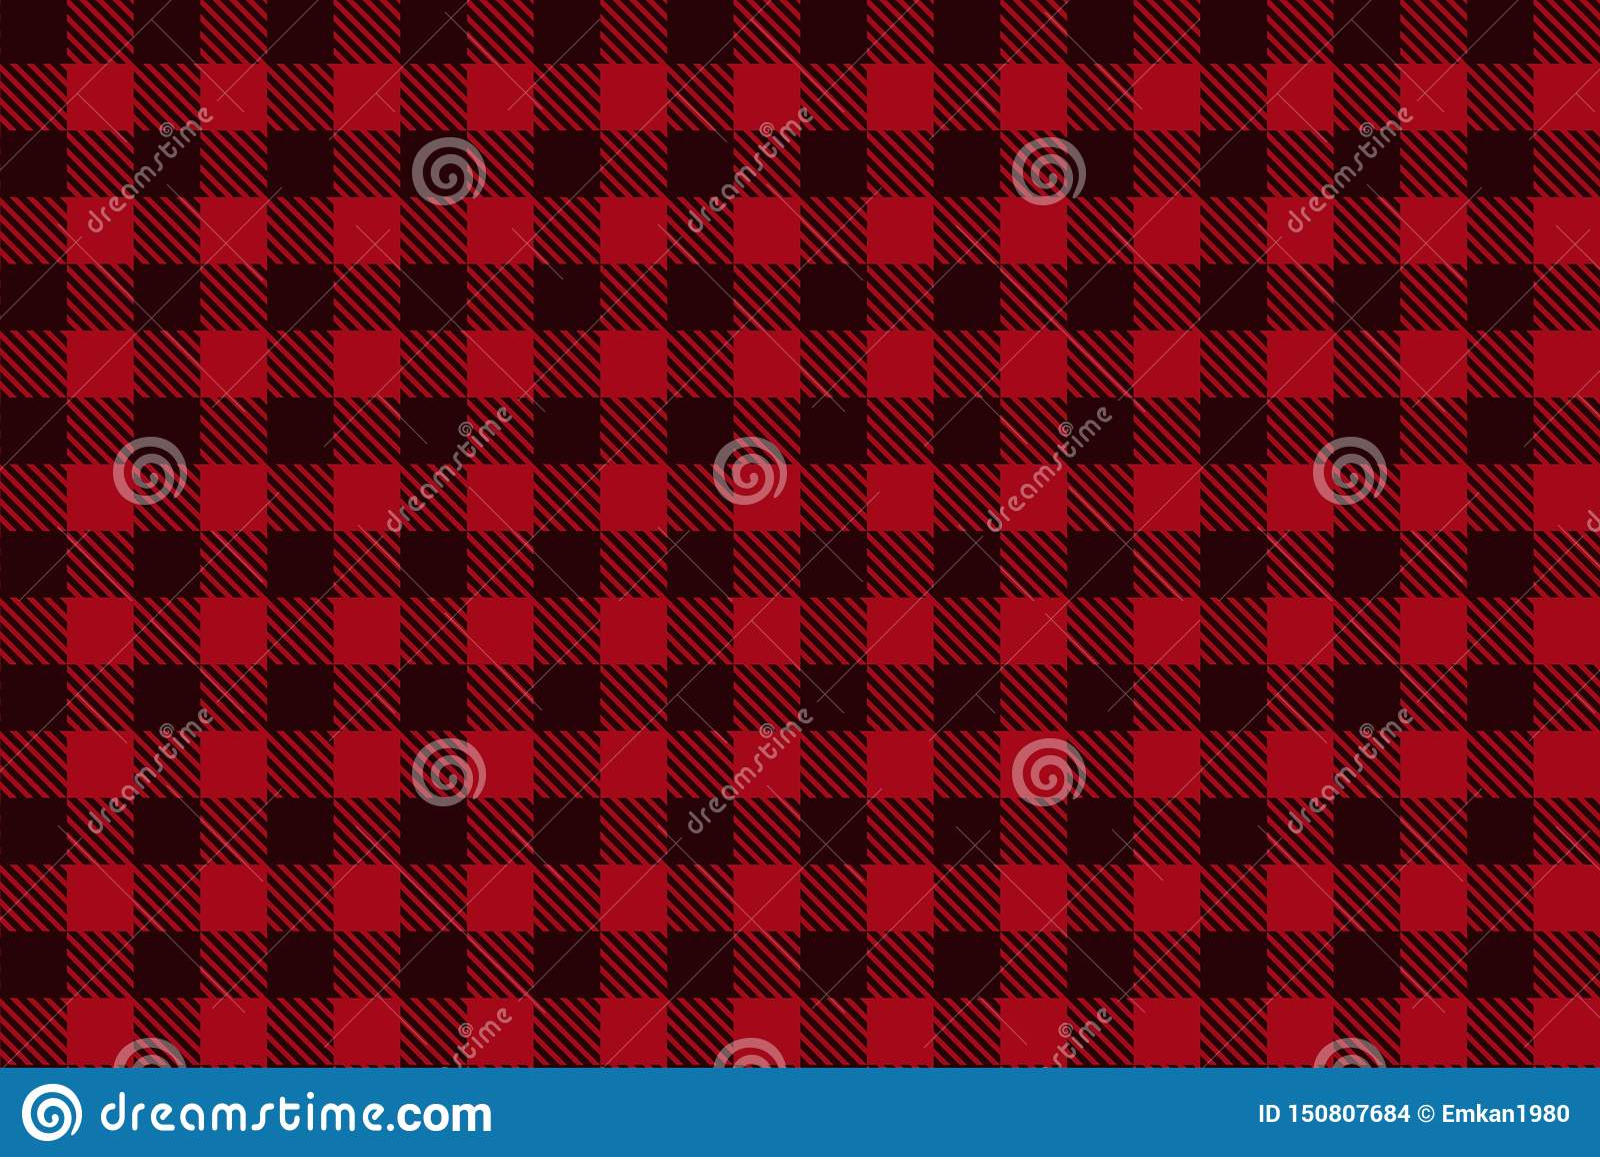 Het rode Zwarte naadloze patroon van de Houthakkersplaid